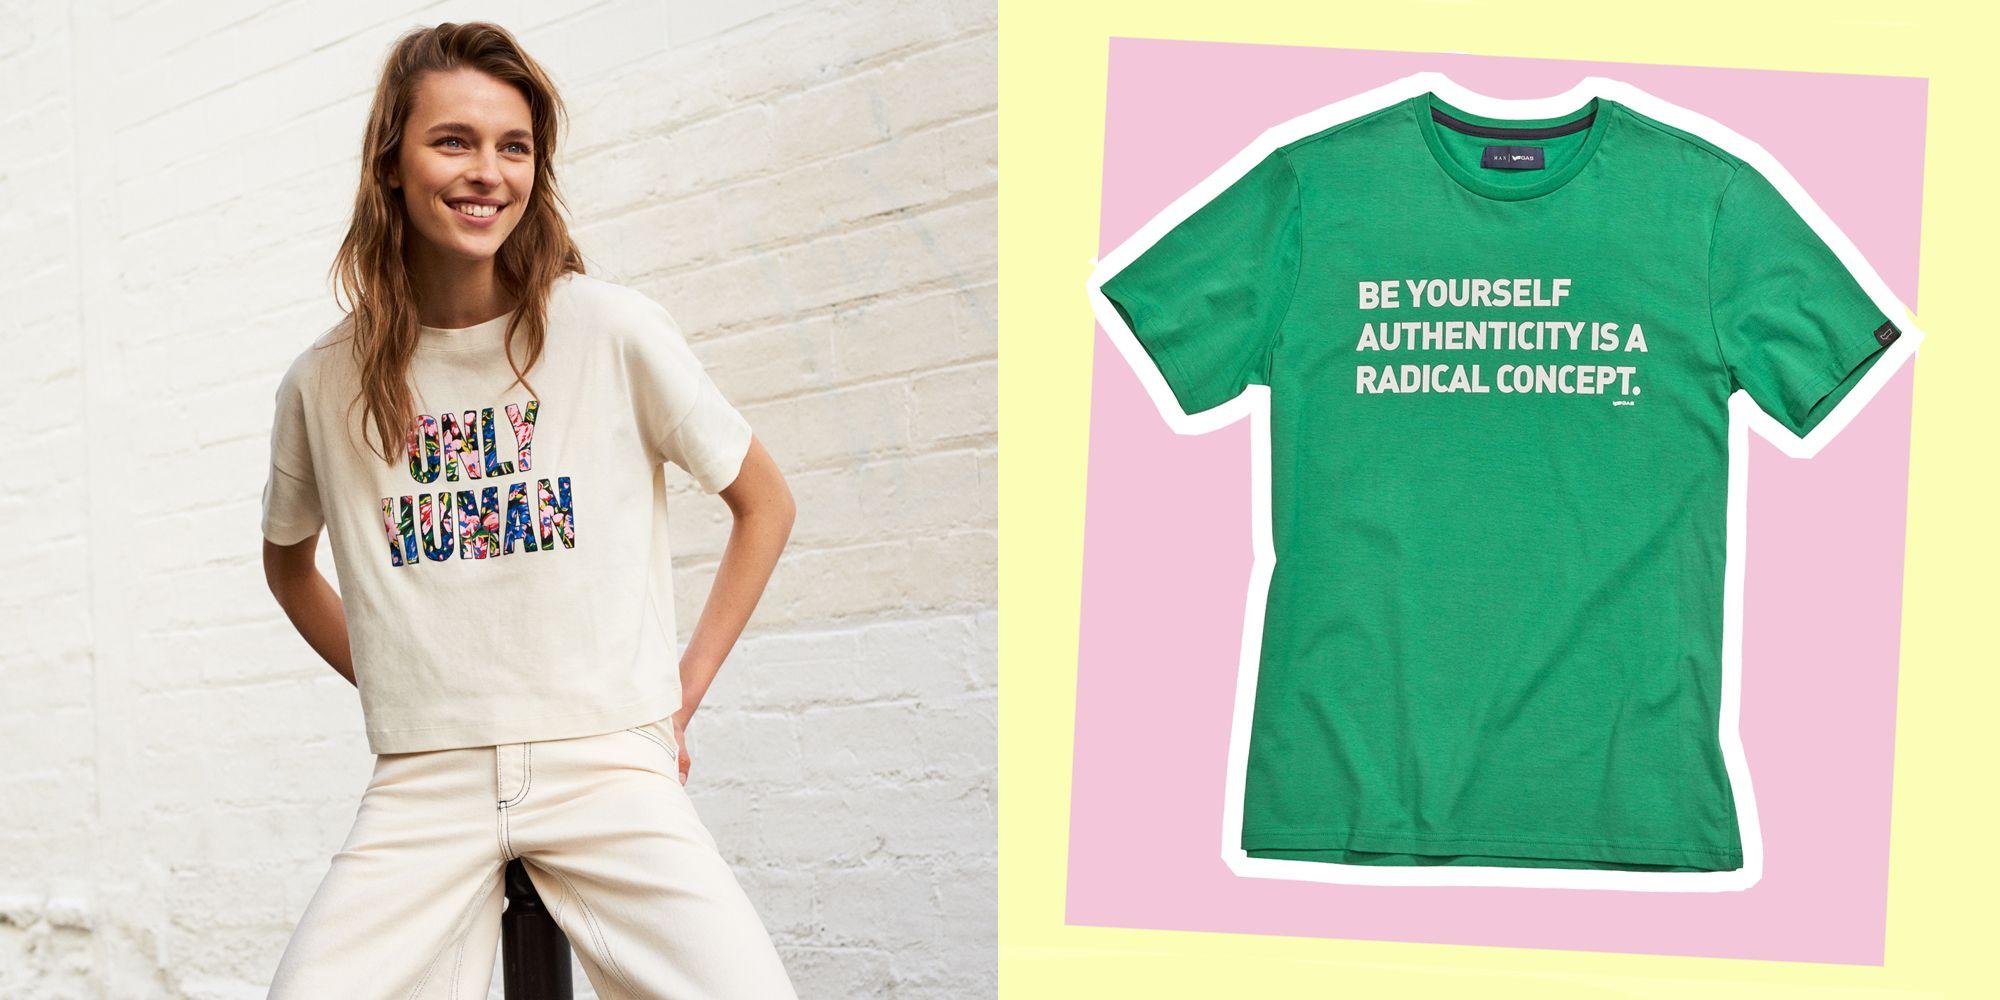 La moda primavera estate 2019 ti aspetta con le nuove t-shirt di stagione, t-shirt personalizzate con frasi statement e quotes e loghi vintage da condividere subito con le tue amiche.